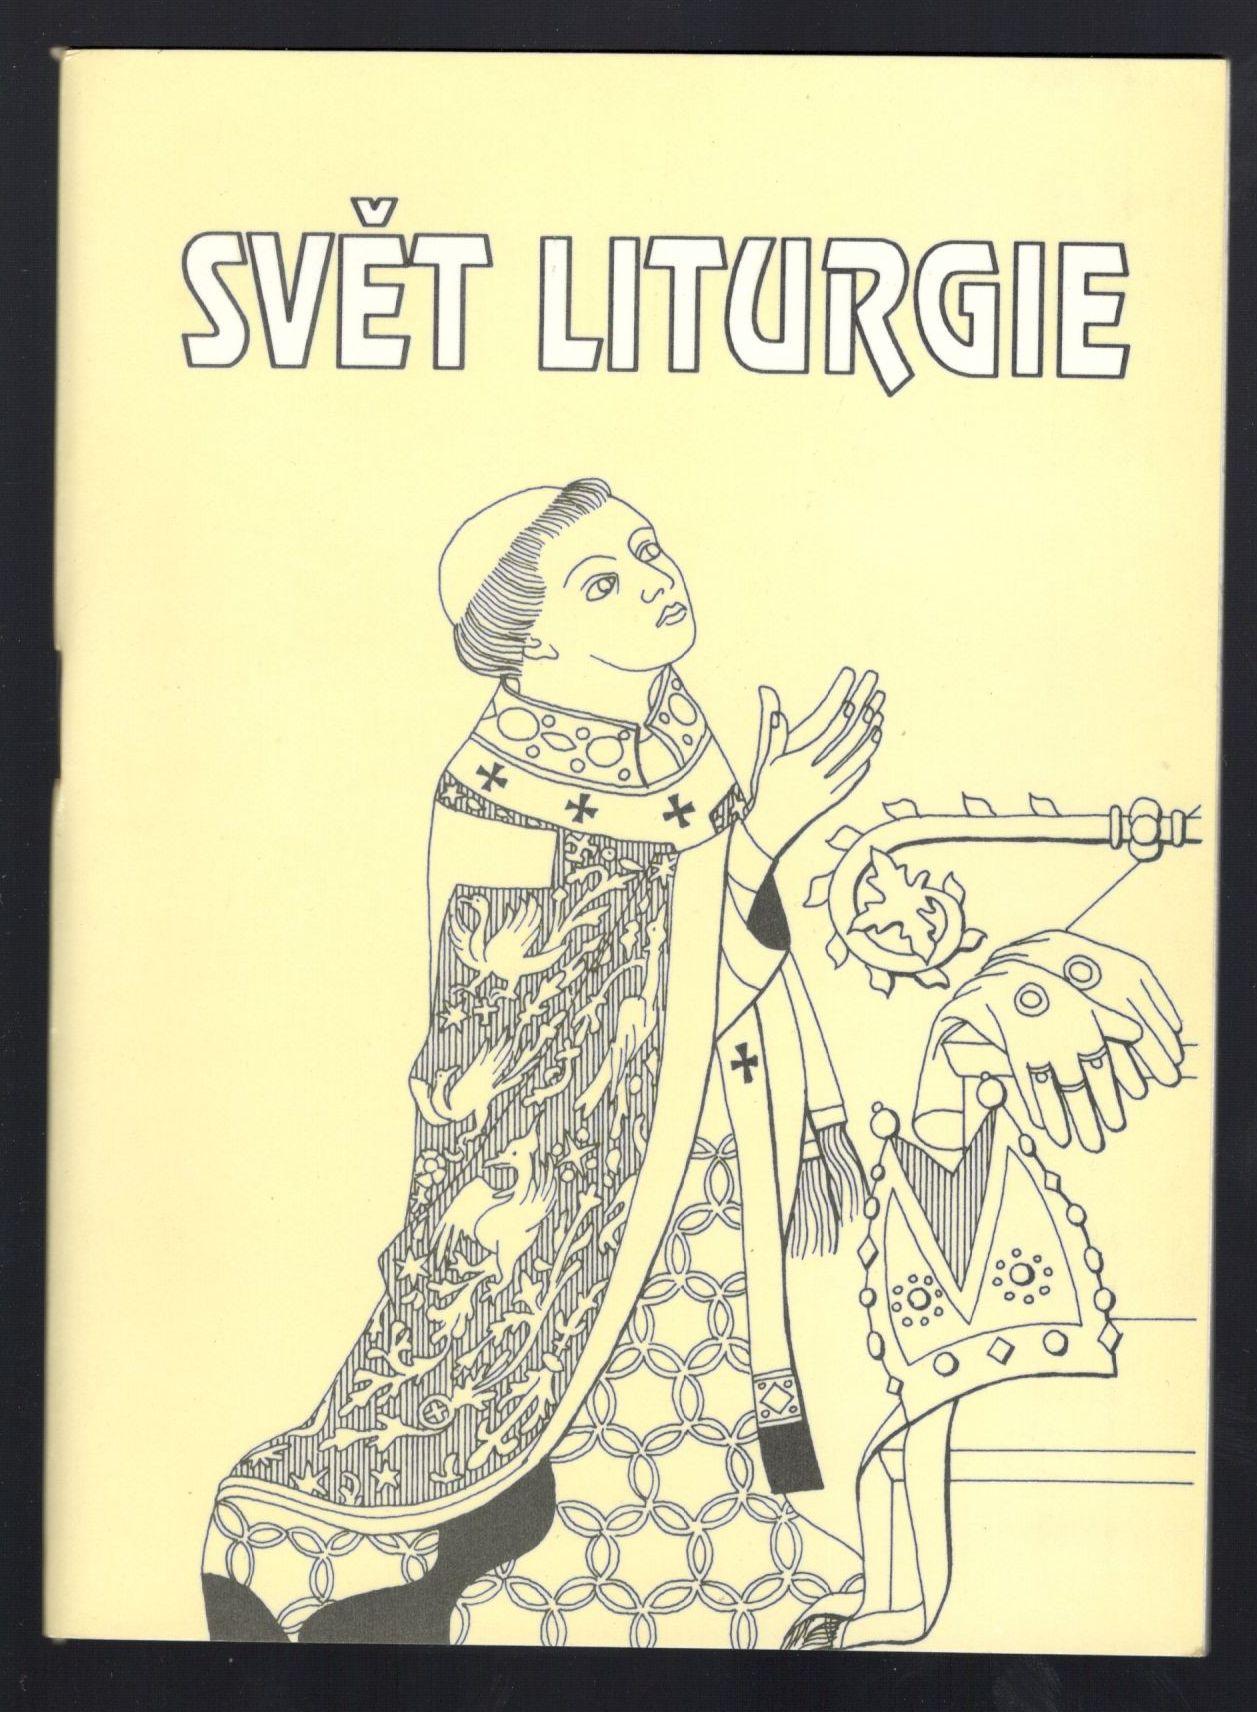 Svět liturgie - Slovník základní církevní terminologie